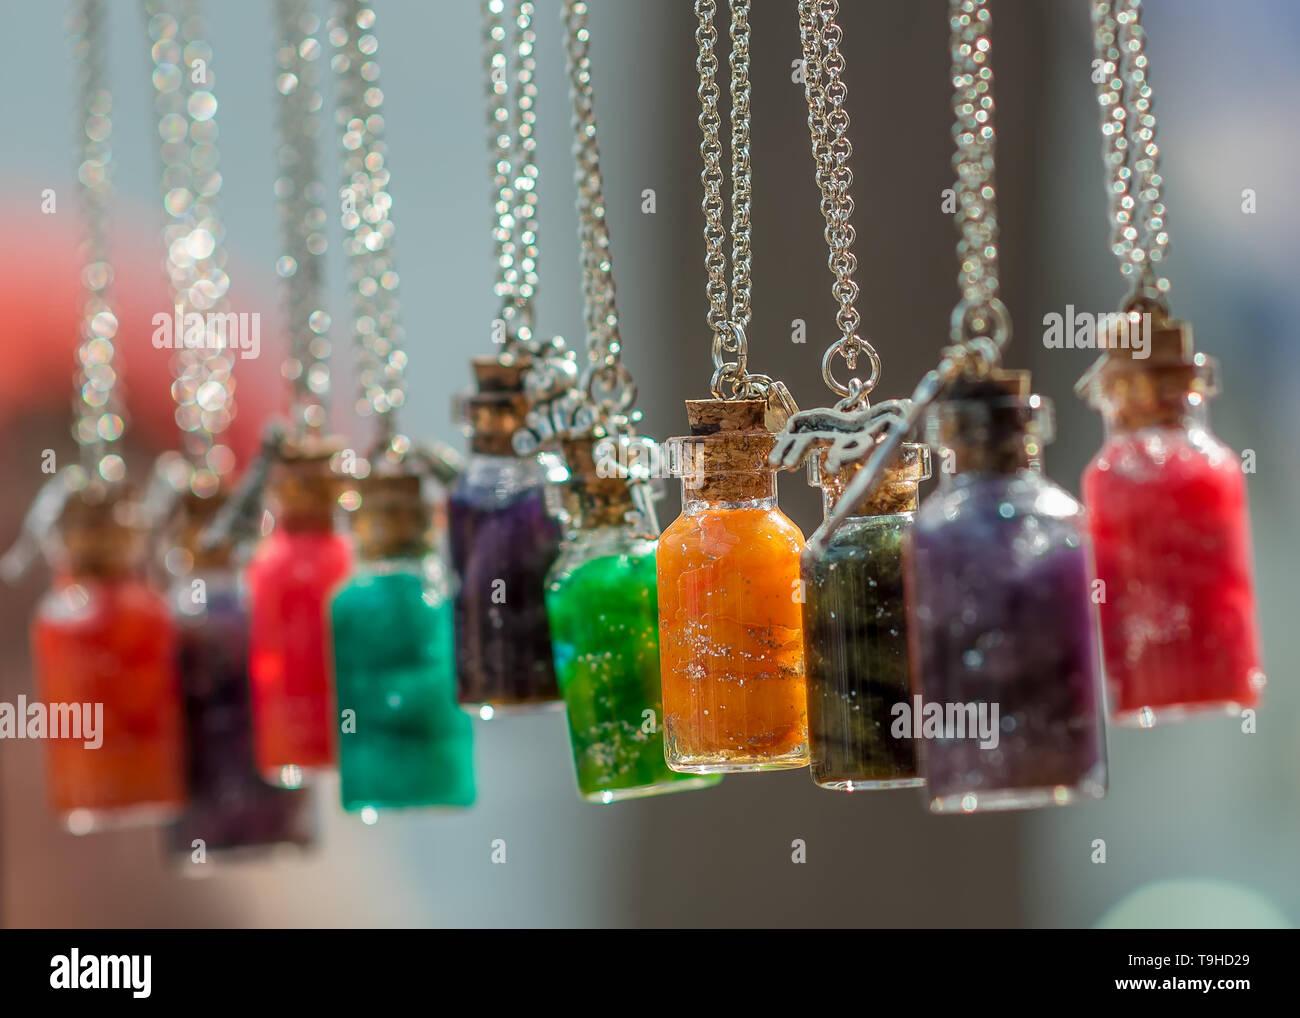 Botellas colgantes decorativos Imagen De Stock